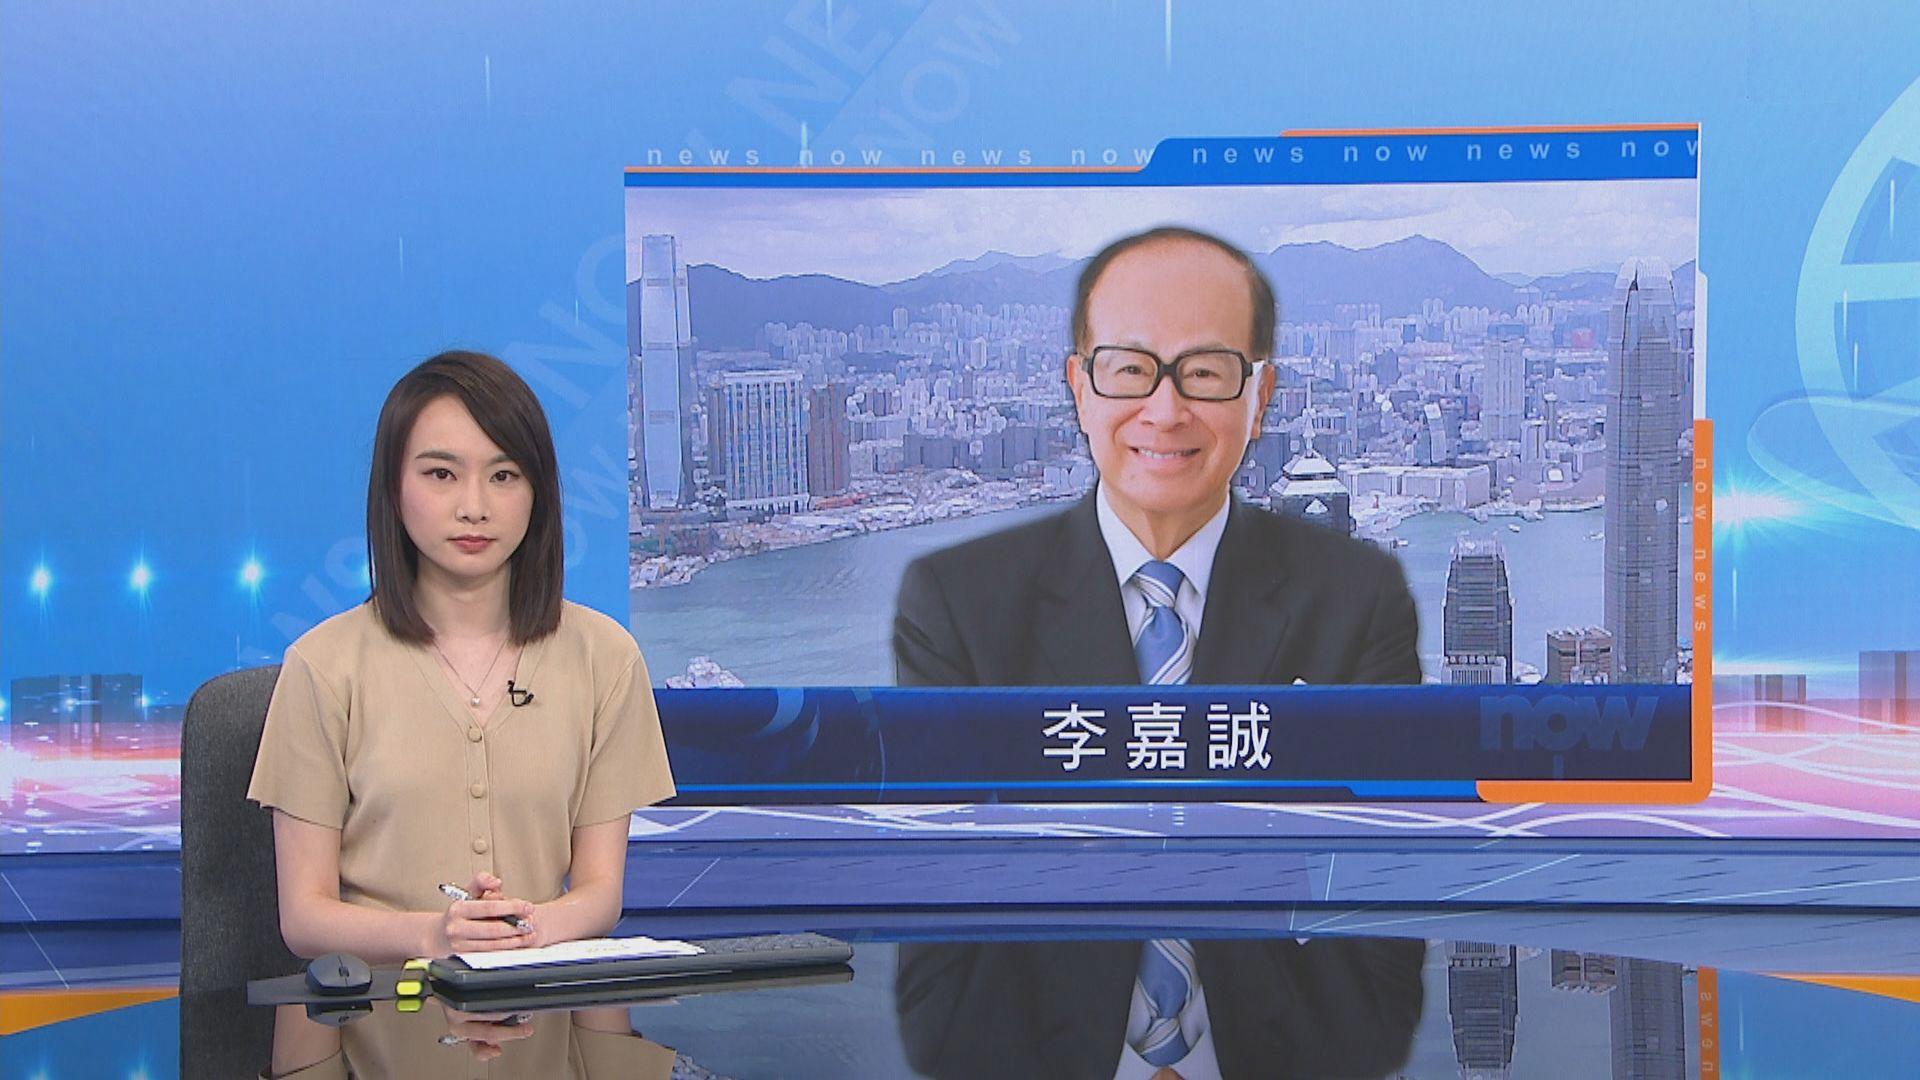 李嘉誠:希望《港區國安法》發揮長遠穩定發展正面作用